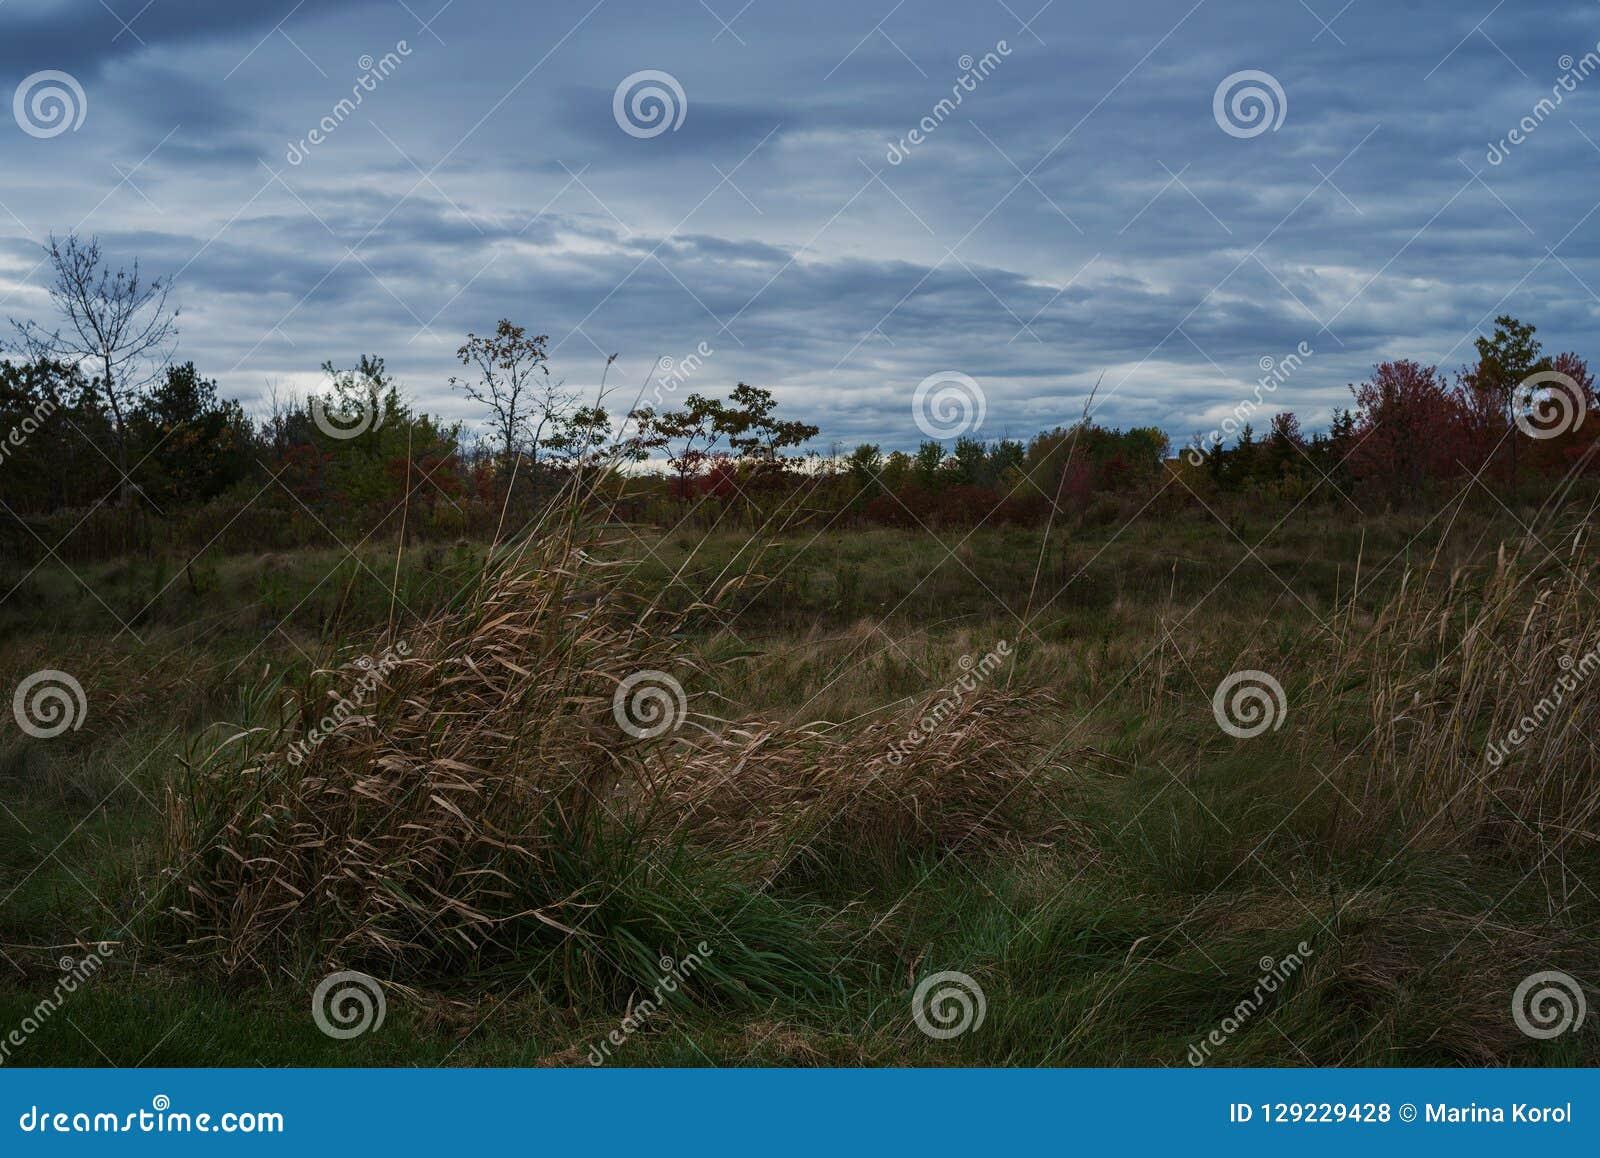 Kształtuje teren fotografię trawa krzaki z zmrokiem i - błękitny chmurny niebo w spadku